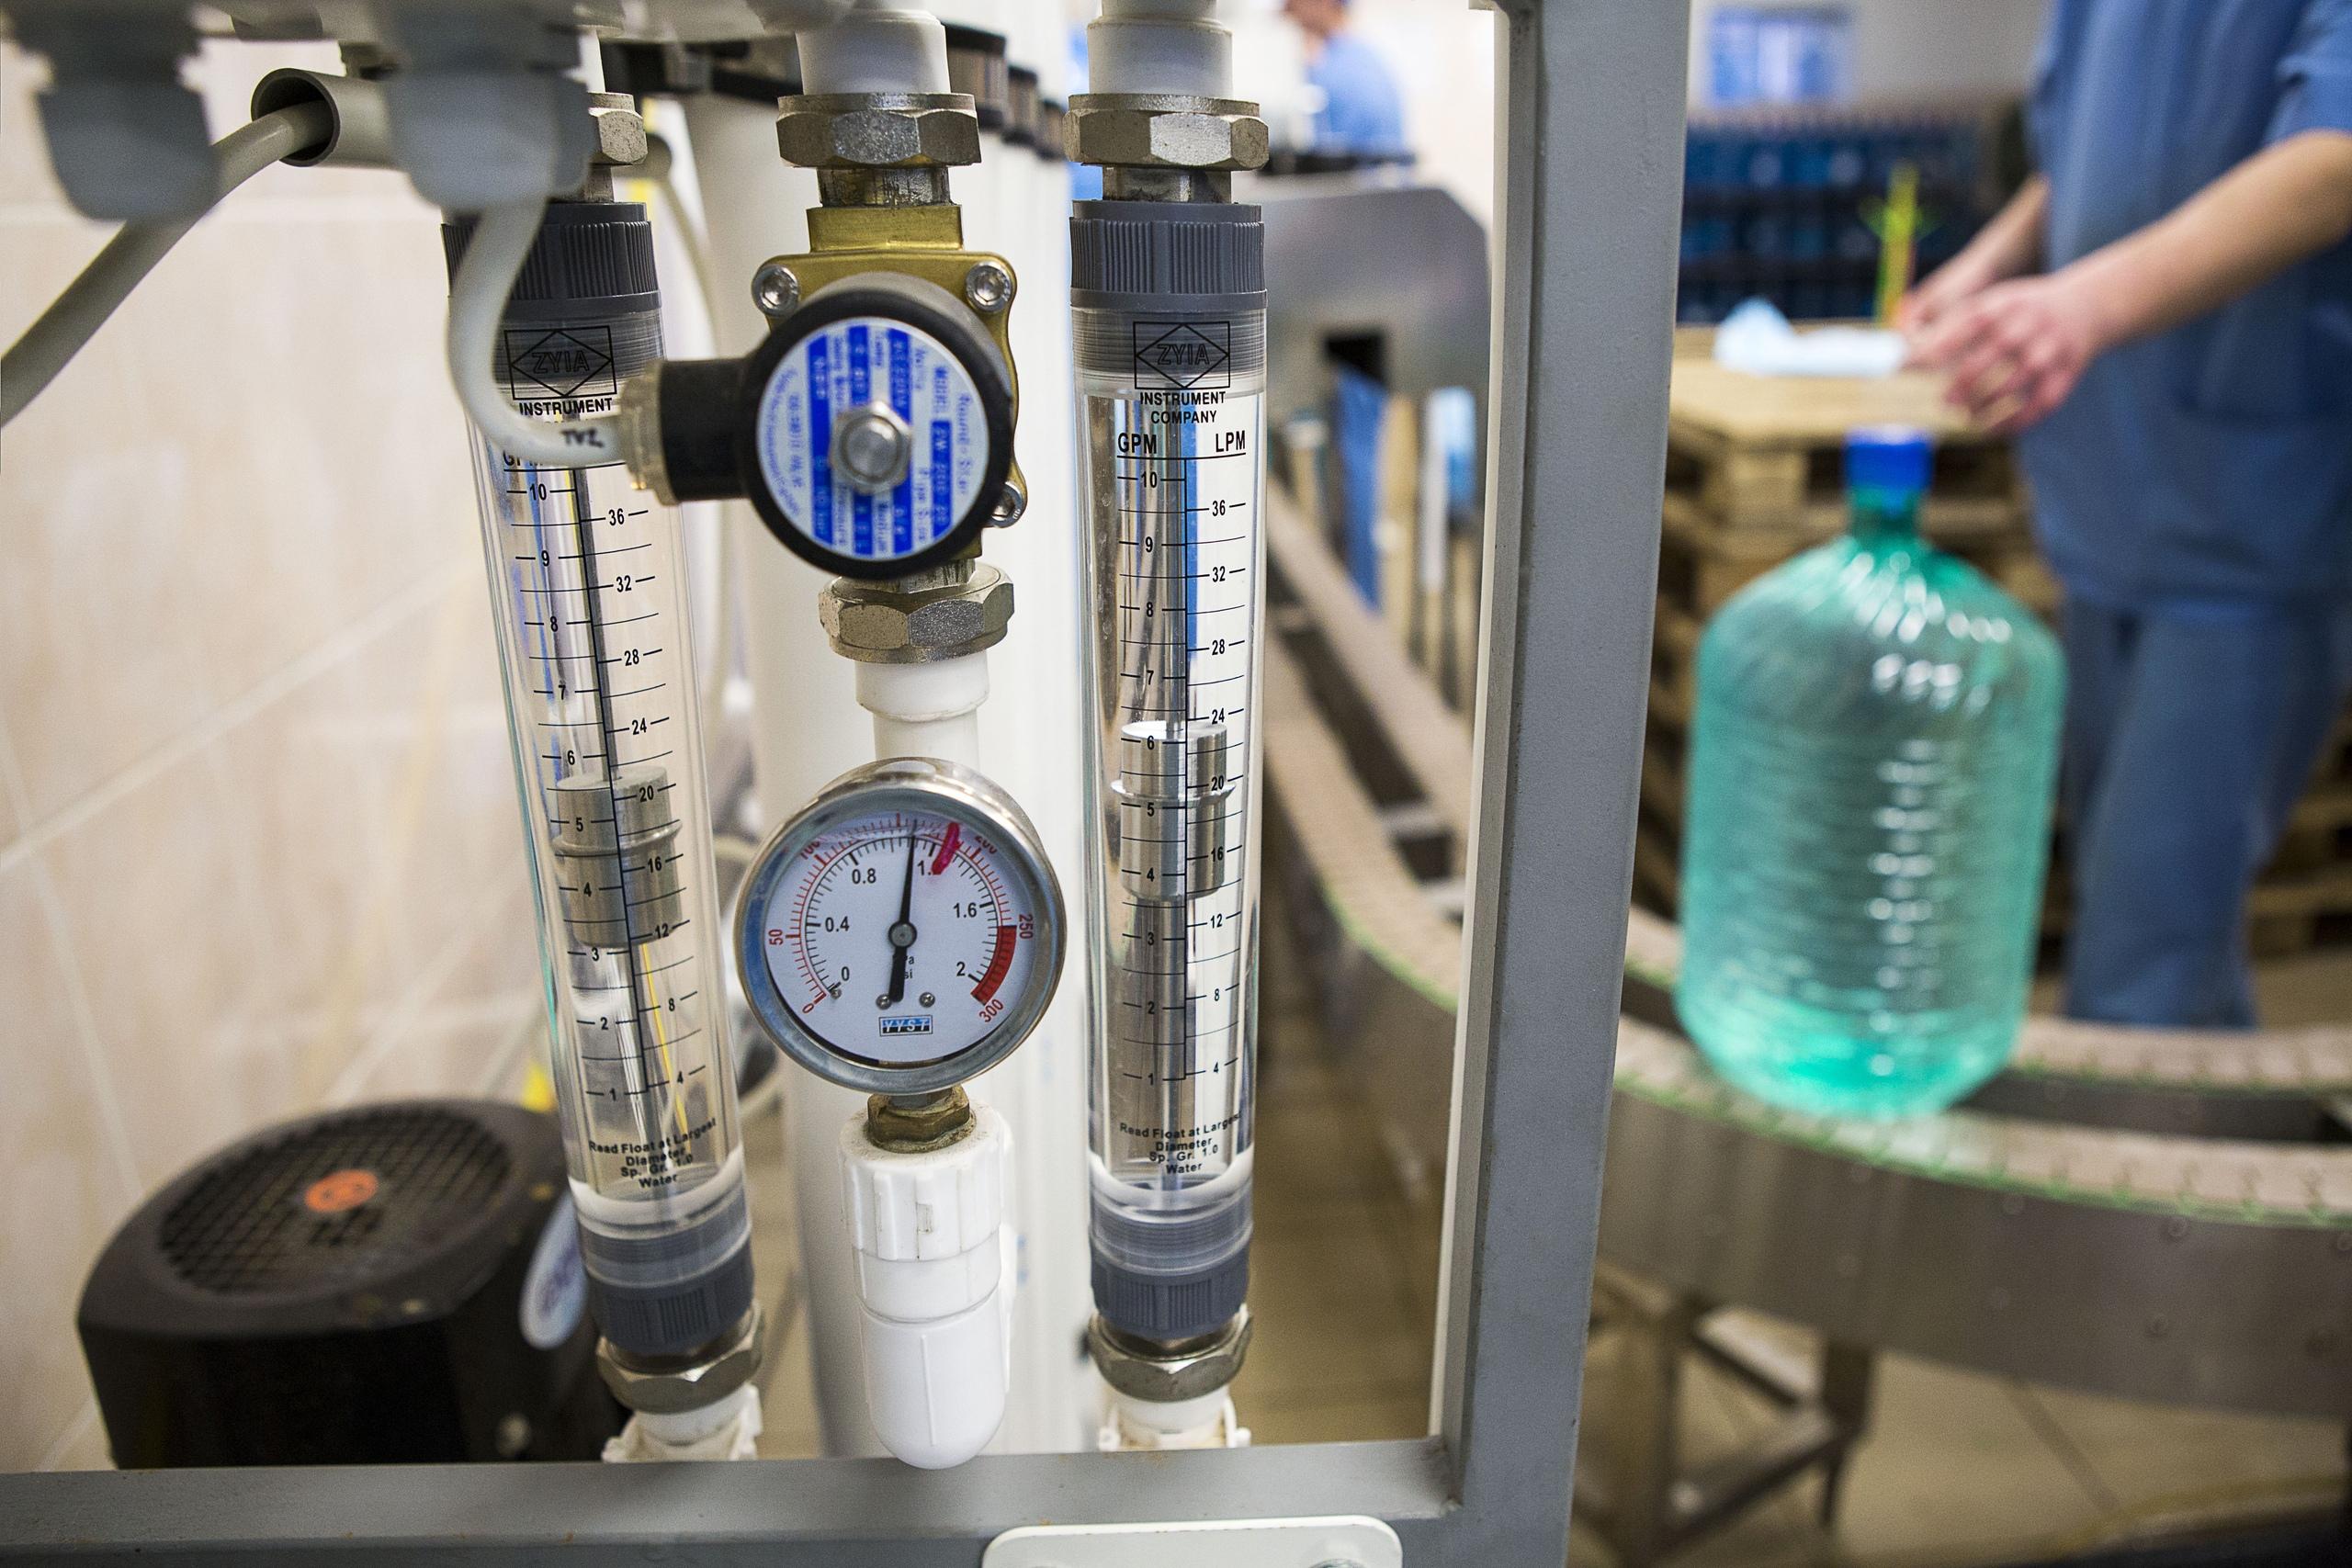 Обратный осмос - метод, когда вода под давлением проходит через синтетическую мембрану, где задерживается до 98 % минеральных солей и примесей